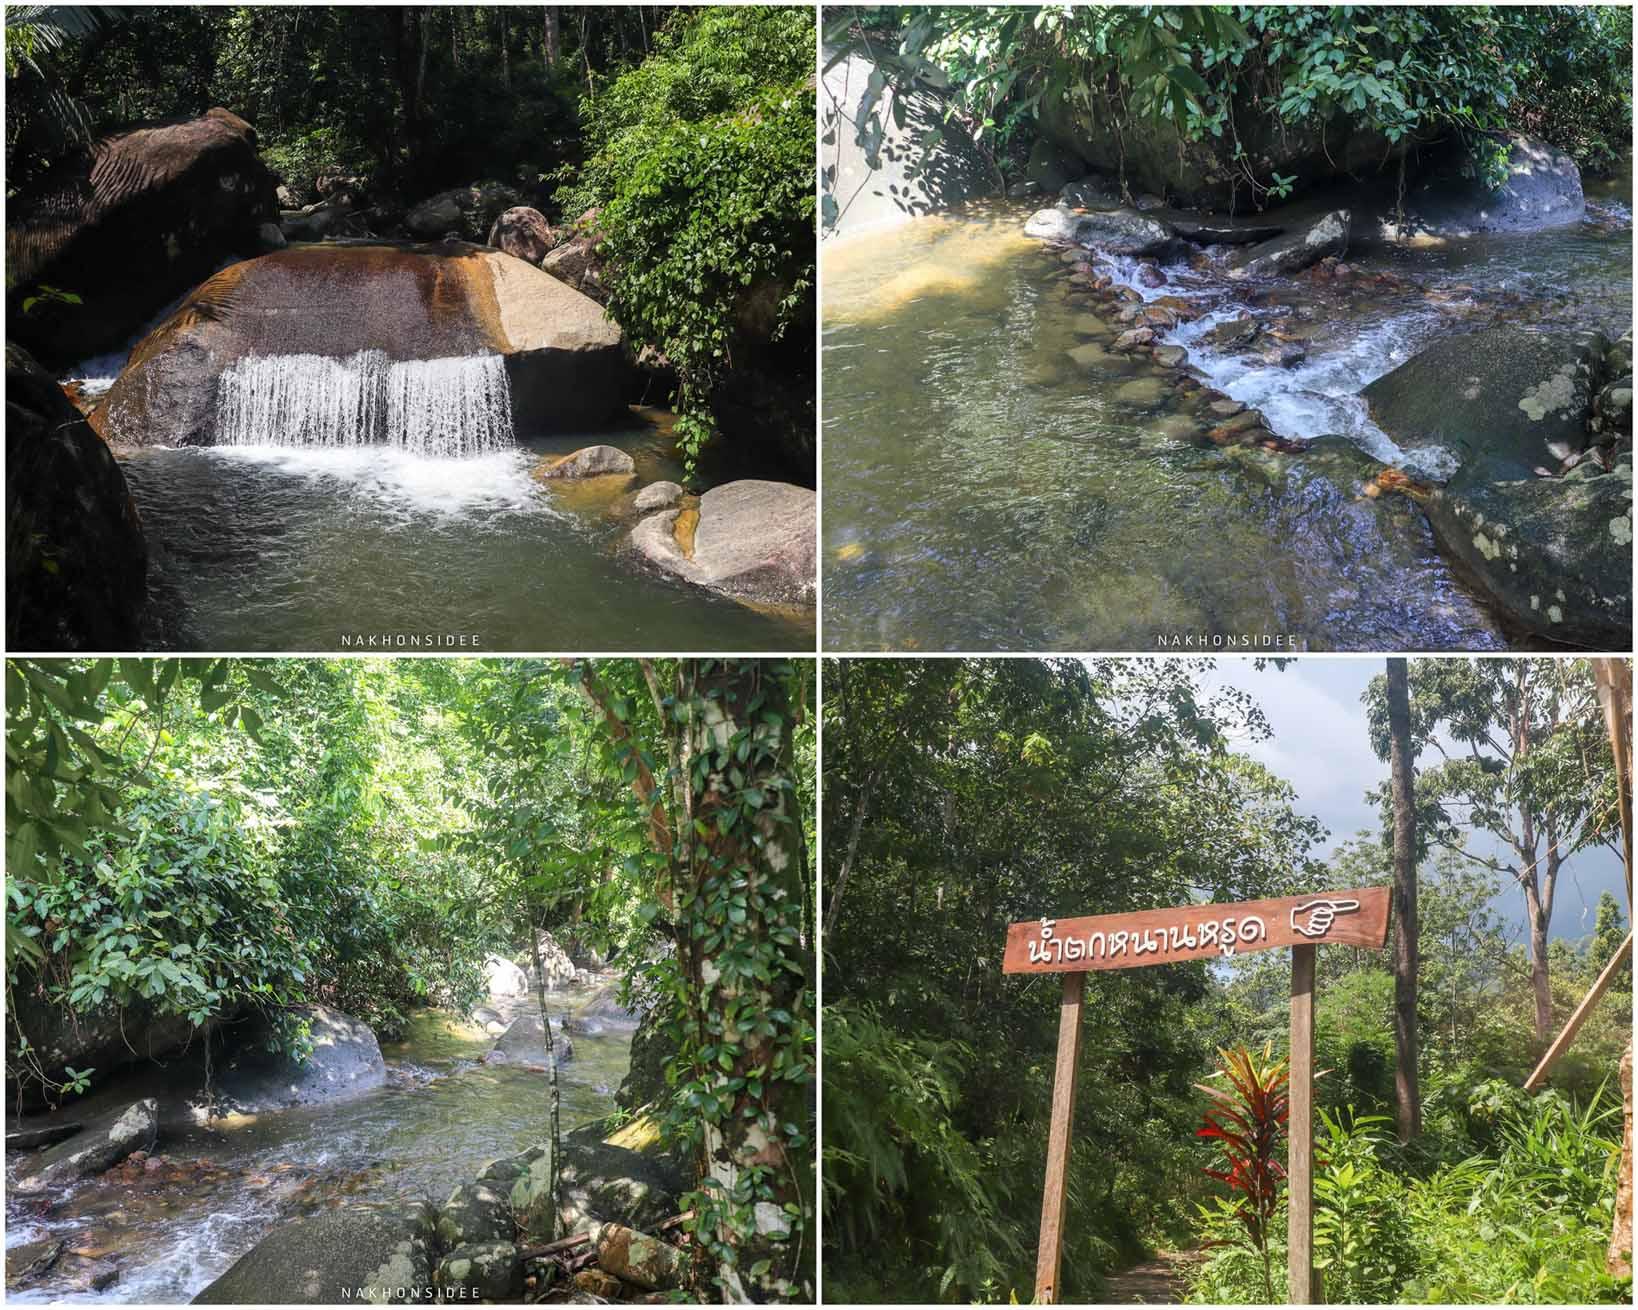 10.-น้ำตกหนานหรูด ที่เที่ยว,ที่พัก,พัทลุง,การท่องเที่ยว,ประเทศไทย,วิถีชีวิต,ชุมชน,ดริฟท์กาแฟ